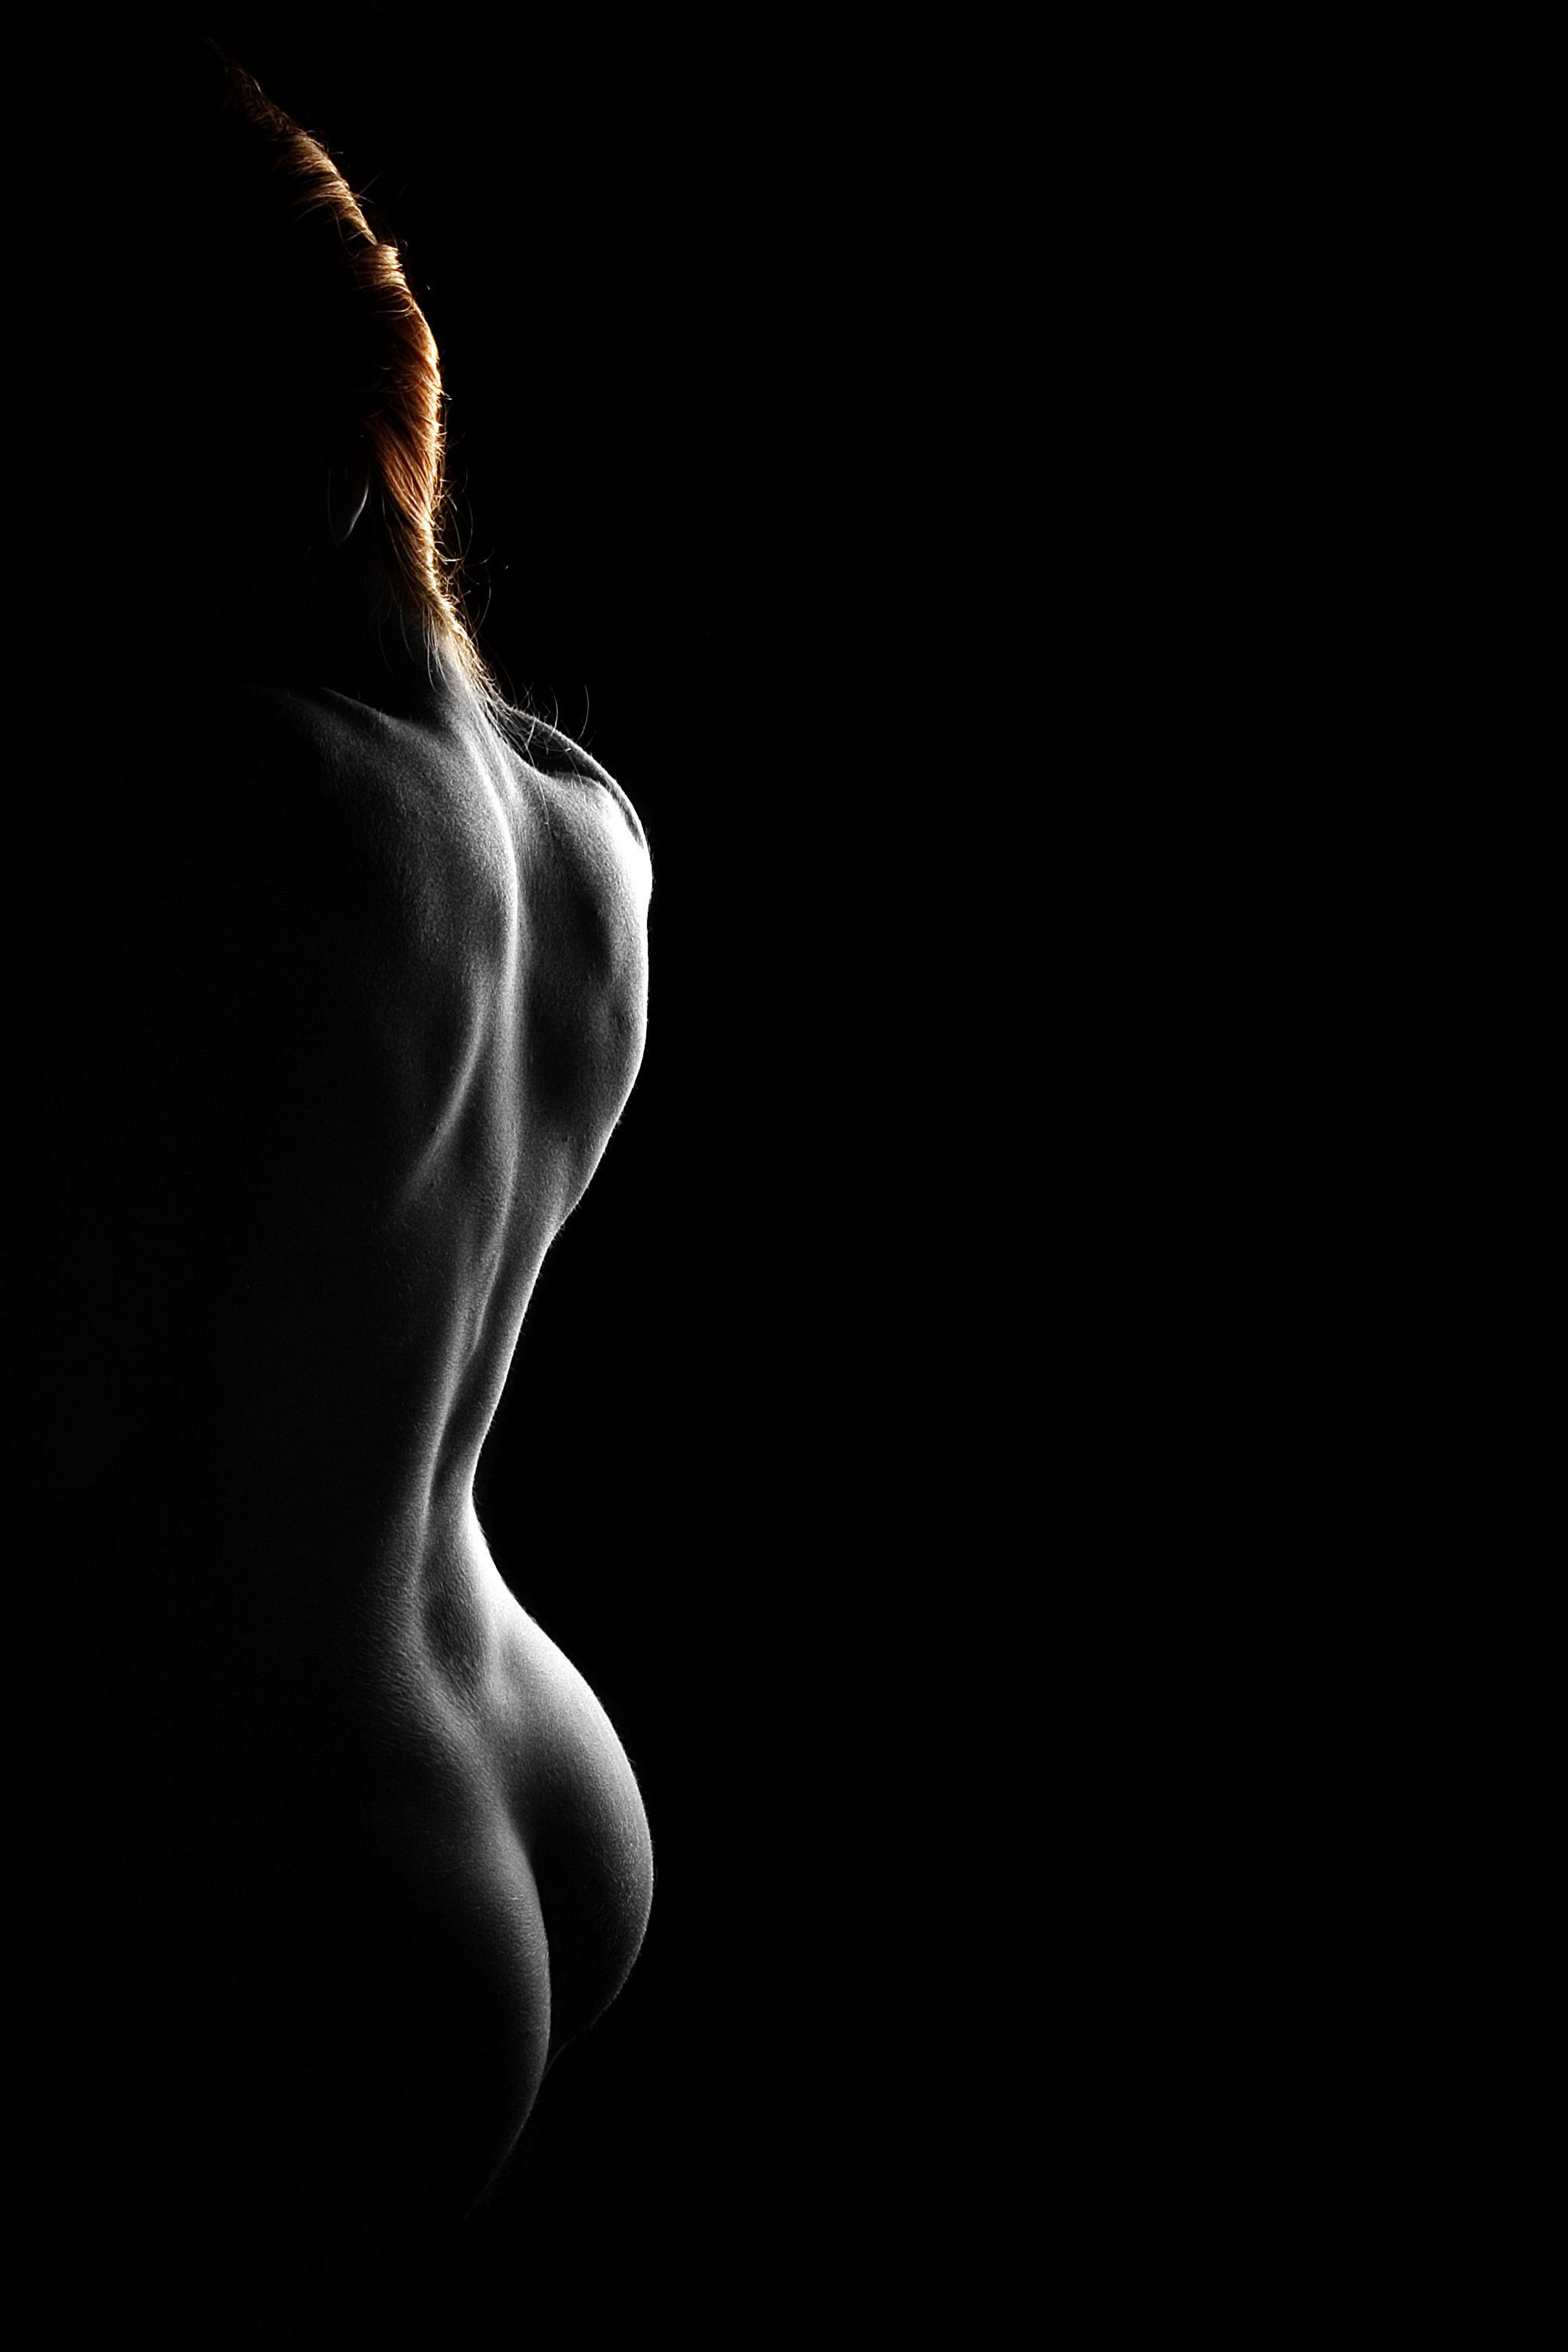 Эротика мужское и женское тело 8 фотография